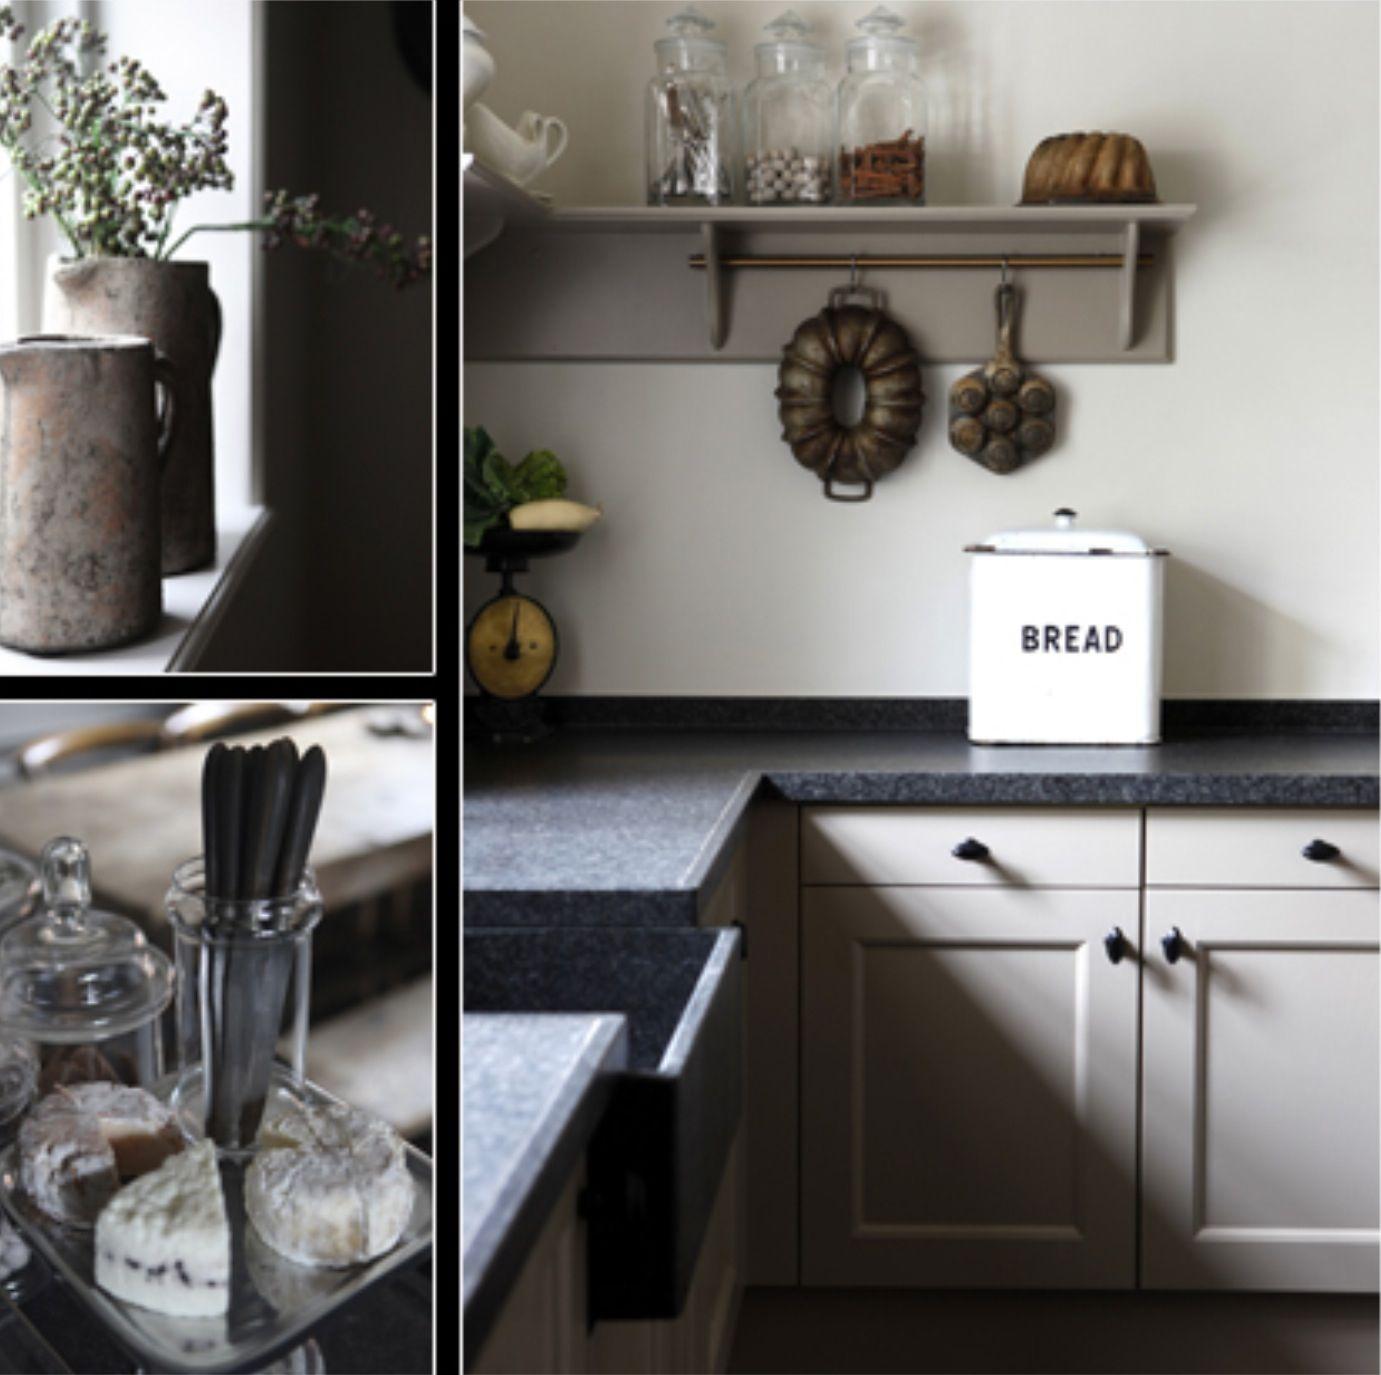 Keuken Aankleding Keuken Keuken Ideeen Keukens